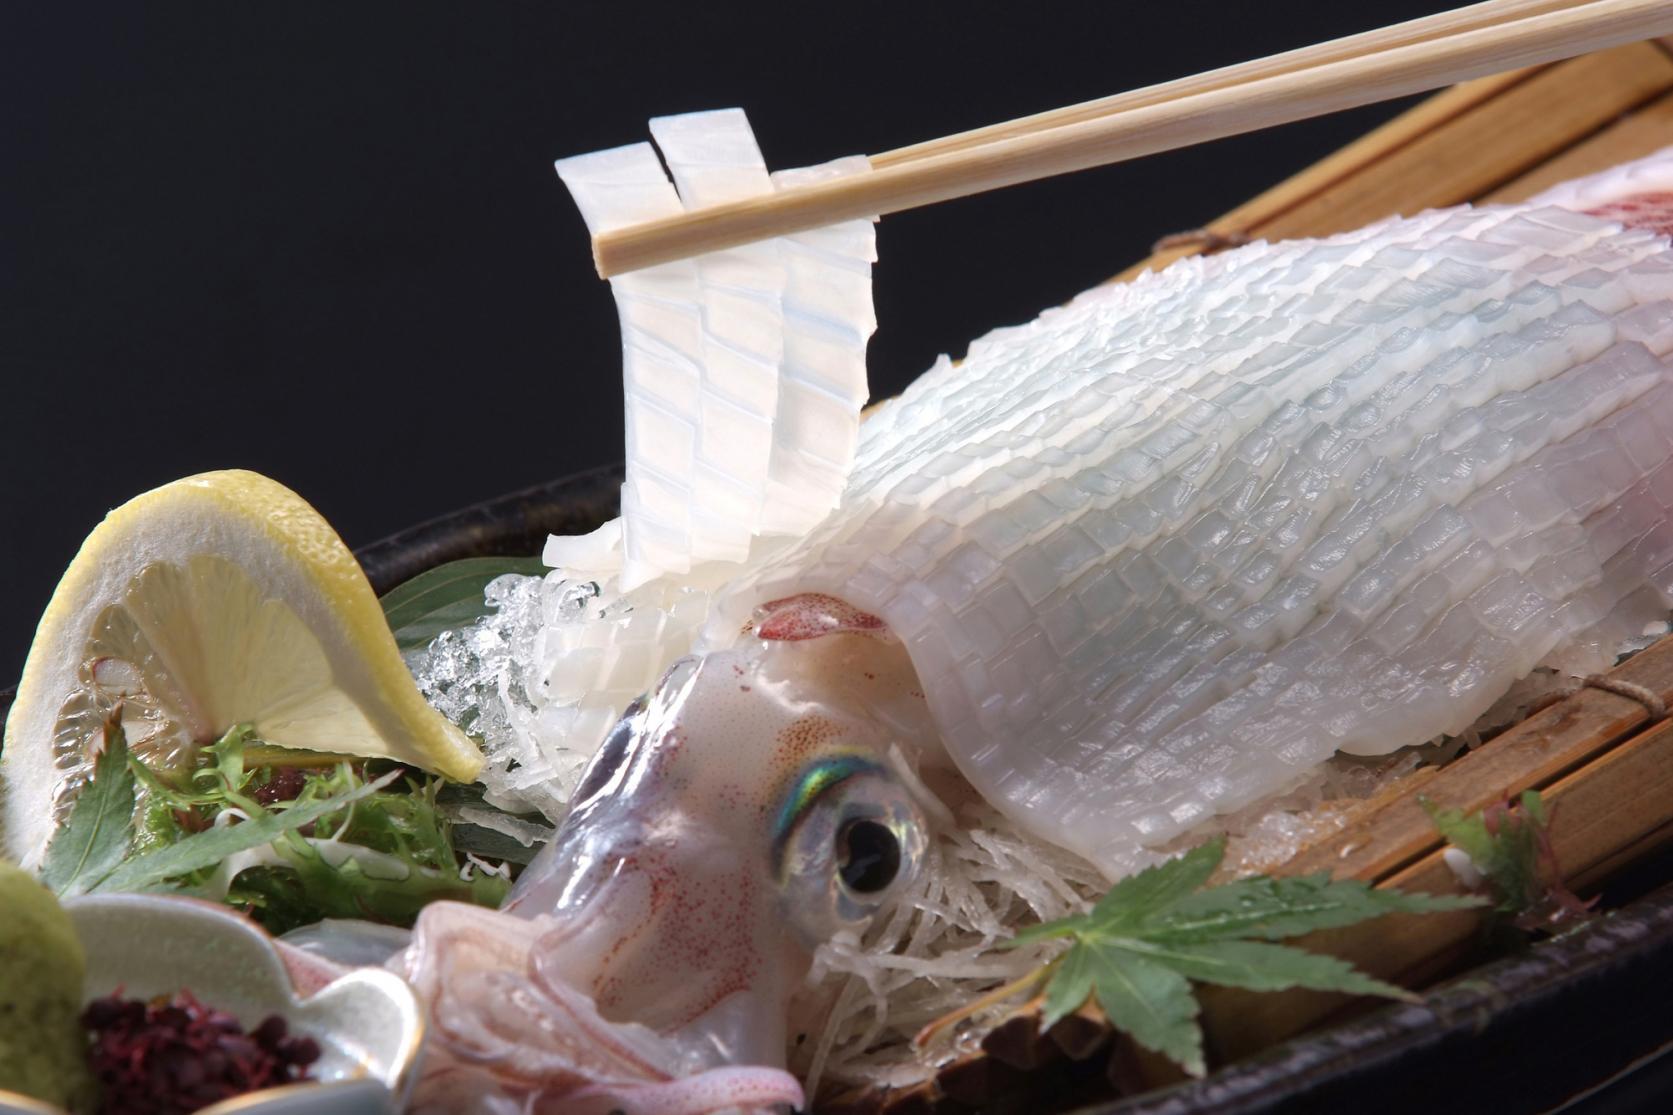 獲れたて・新鮮なイカは無色透明!噛むほど溢れる甘さに驚くなかれ。-2